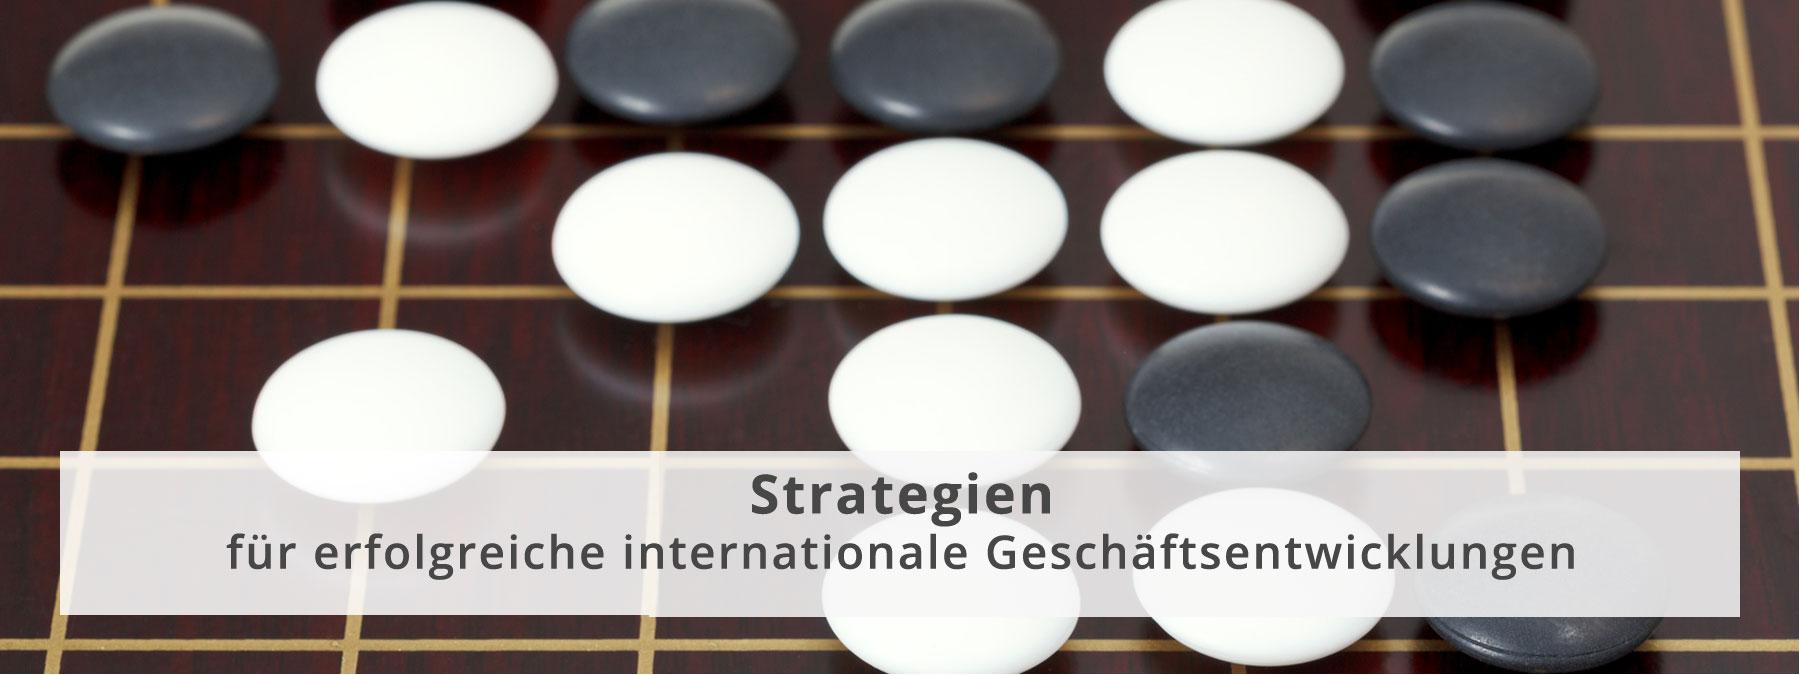 Strategien für erfolgreiche internationale Geschäftsentwicklungen